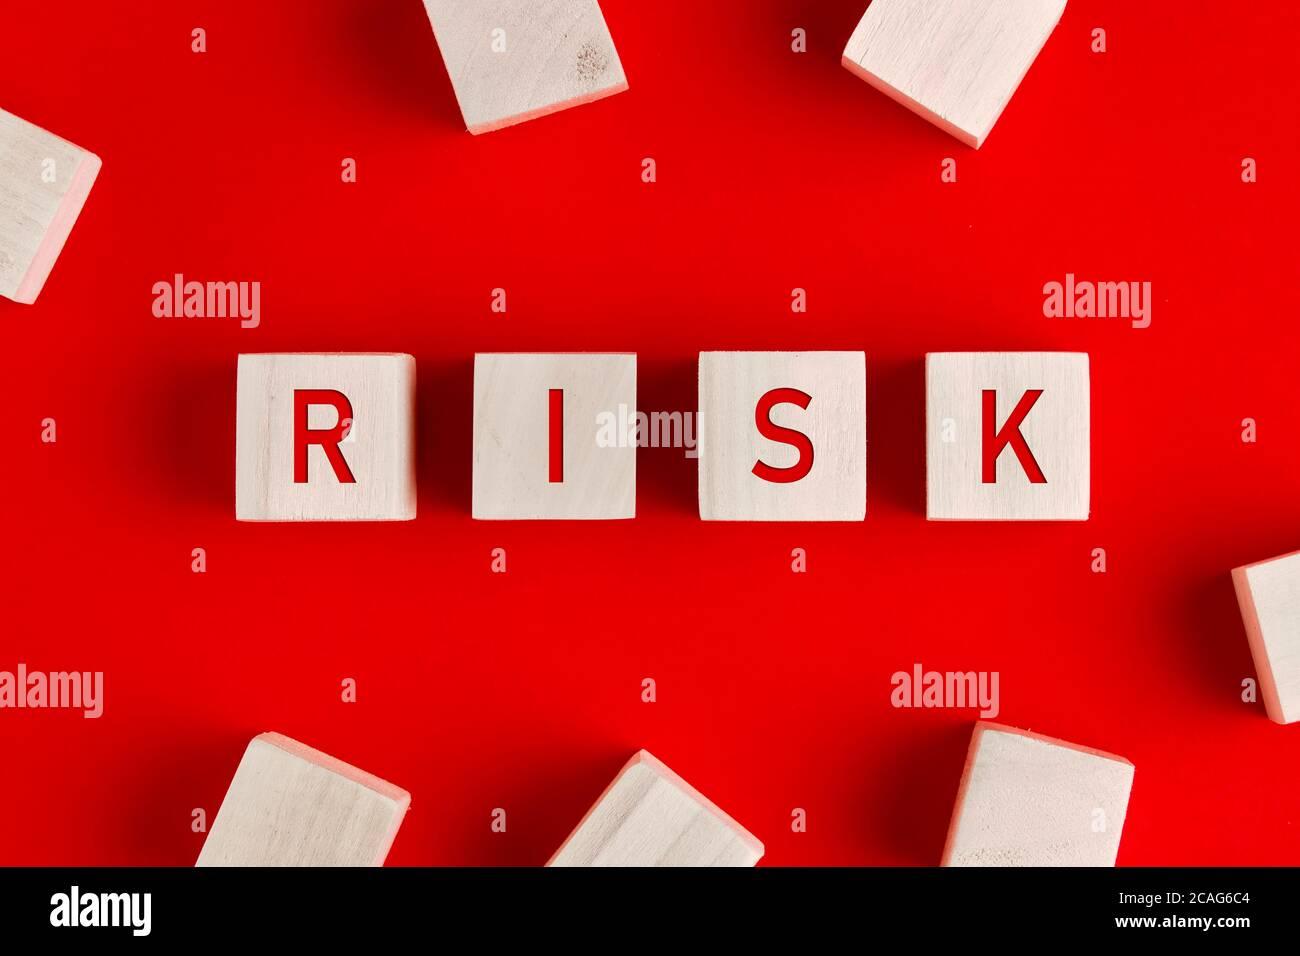 La palabra riesgo escrita sobre bloques de madera sobre fondo rojo. Concepto de gestión o evaluación de riesgos. Foto de stock